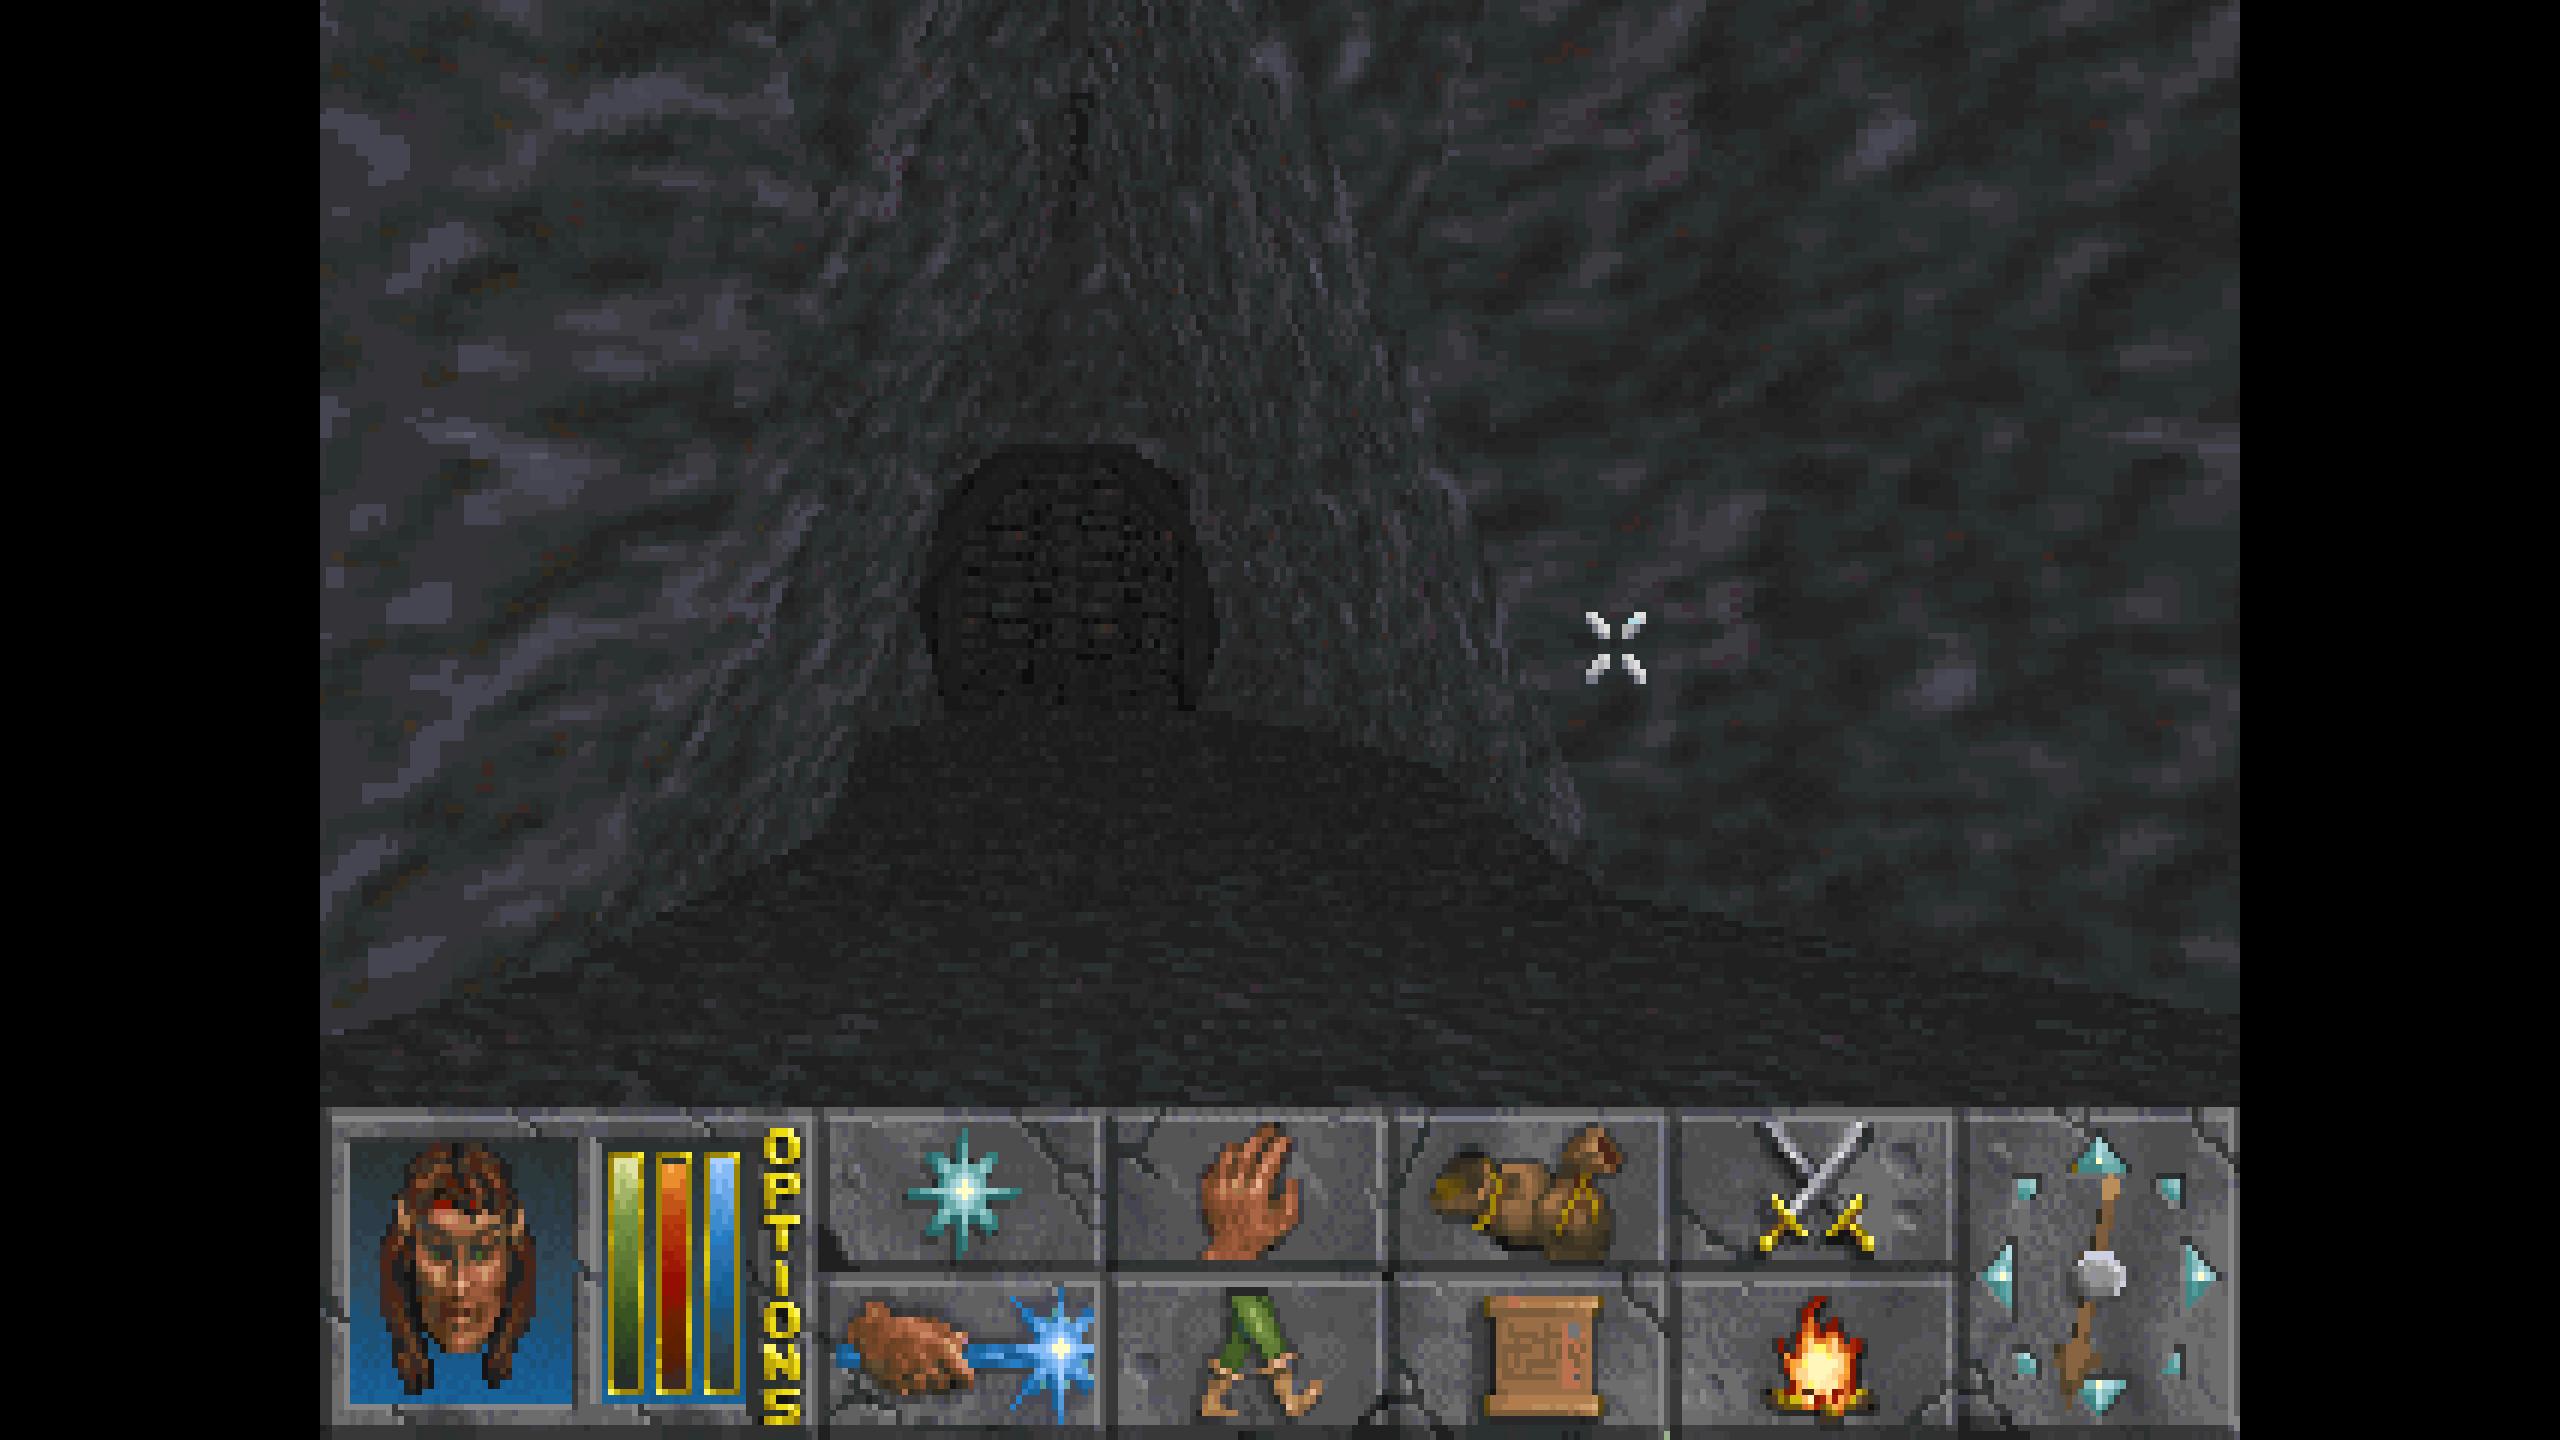 Klar for en nostalgitripp? 2.500 nye MS-DOS-spill er nå gratis tilgjengelig